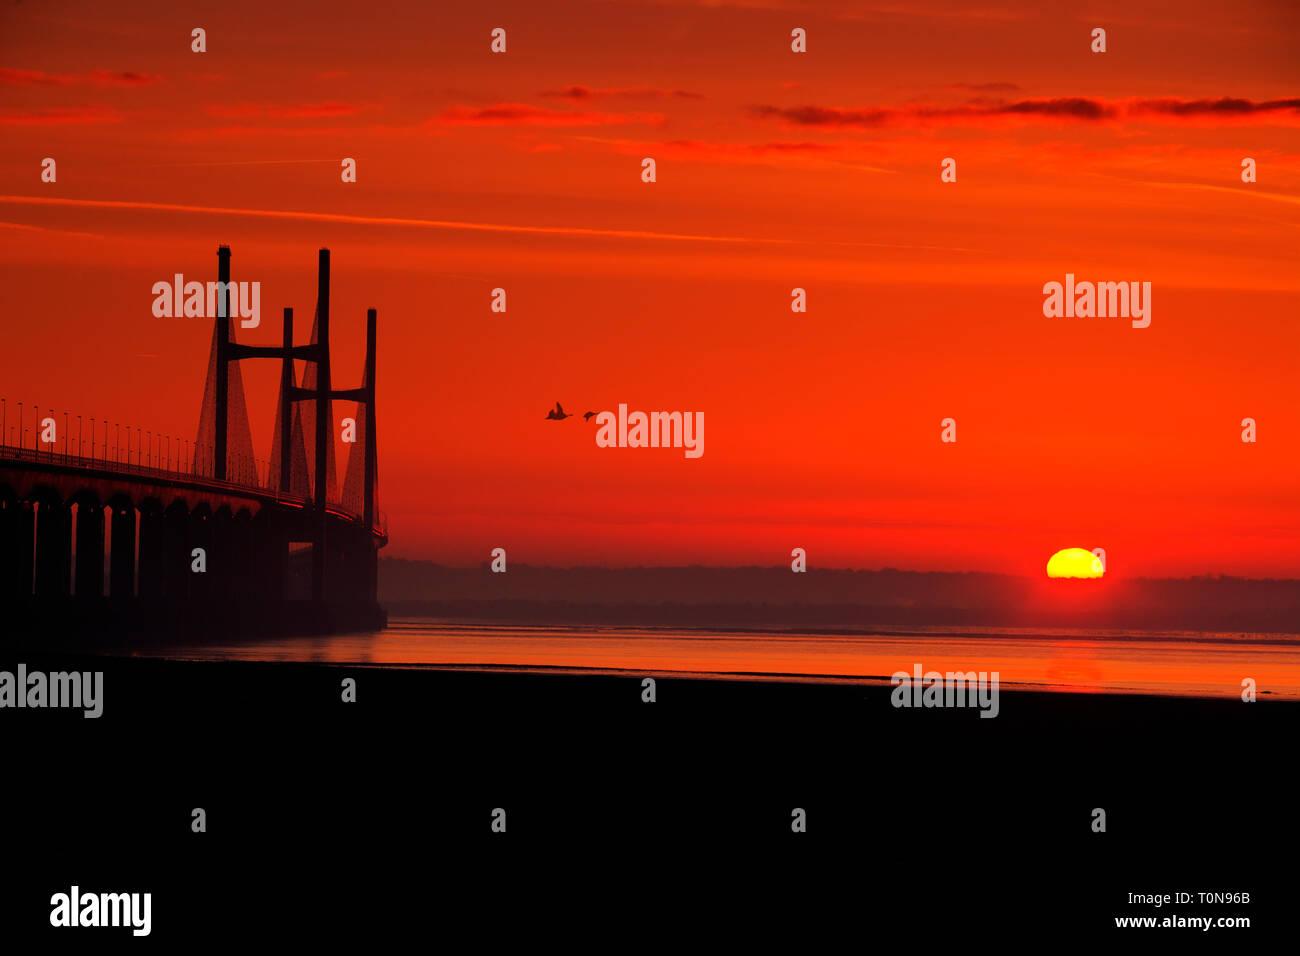 Gran Bretaña, Gales, río Severn. Severn Bridge y gansos en Sunrise, montando uno de los mayores rangos de marea en el mundo. Foto de stock